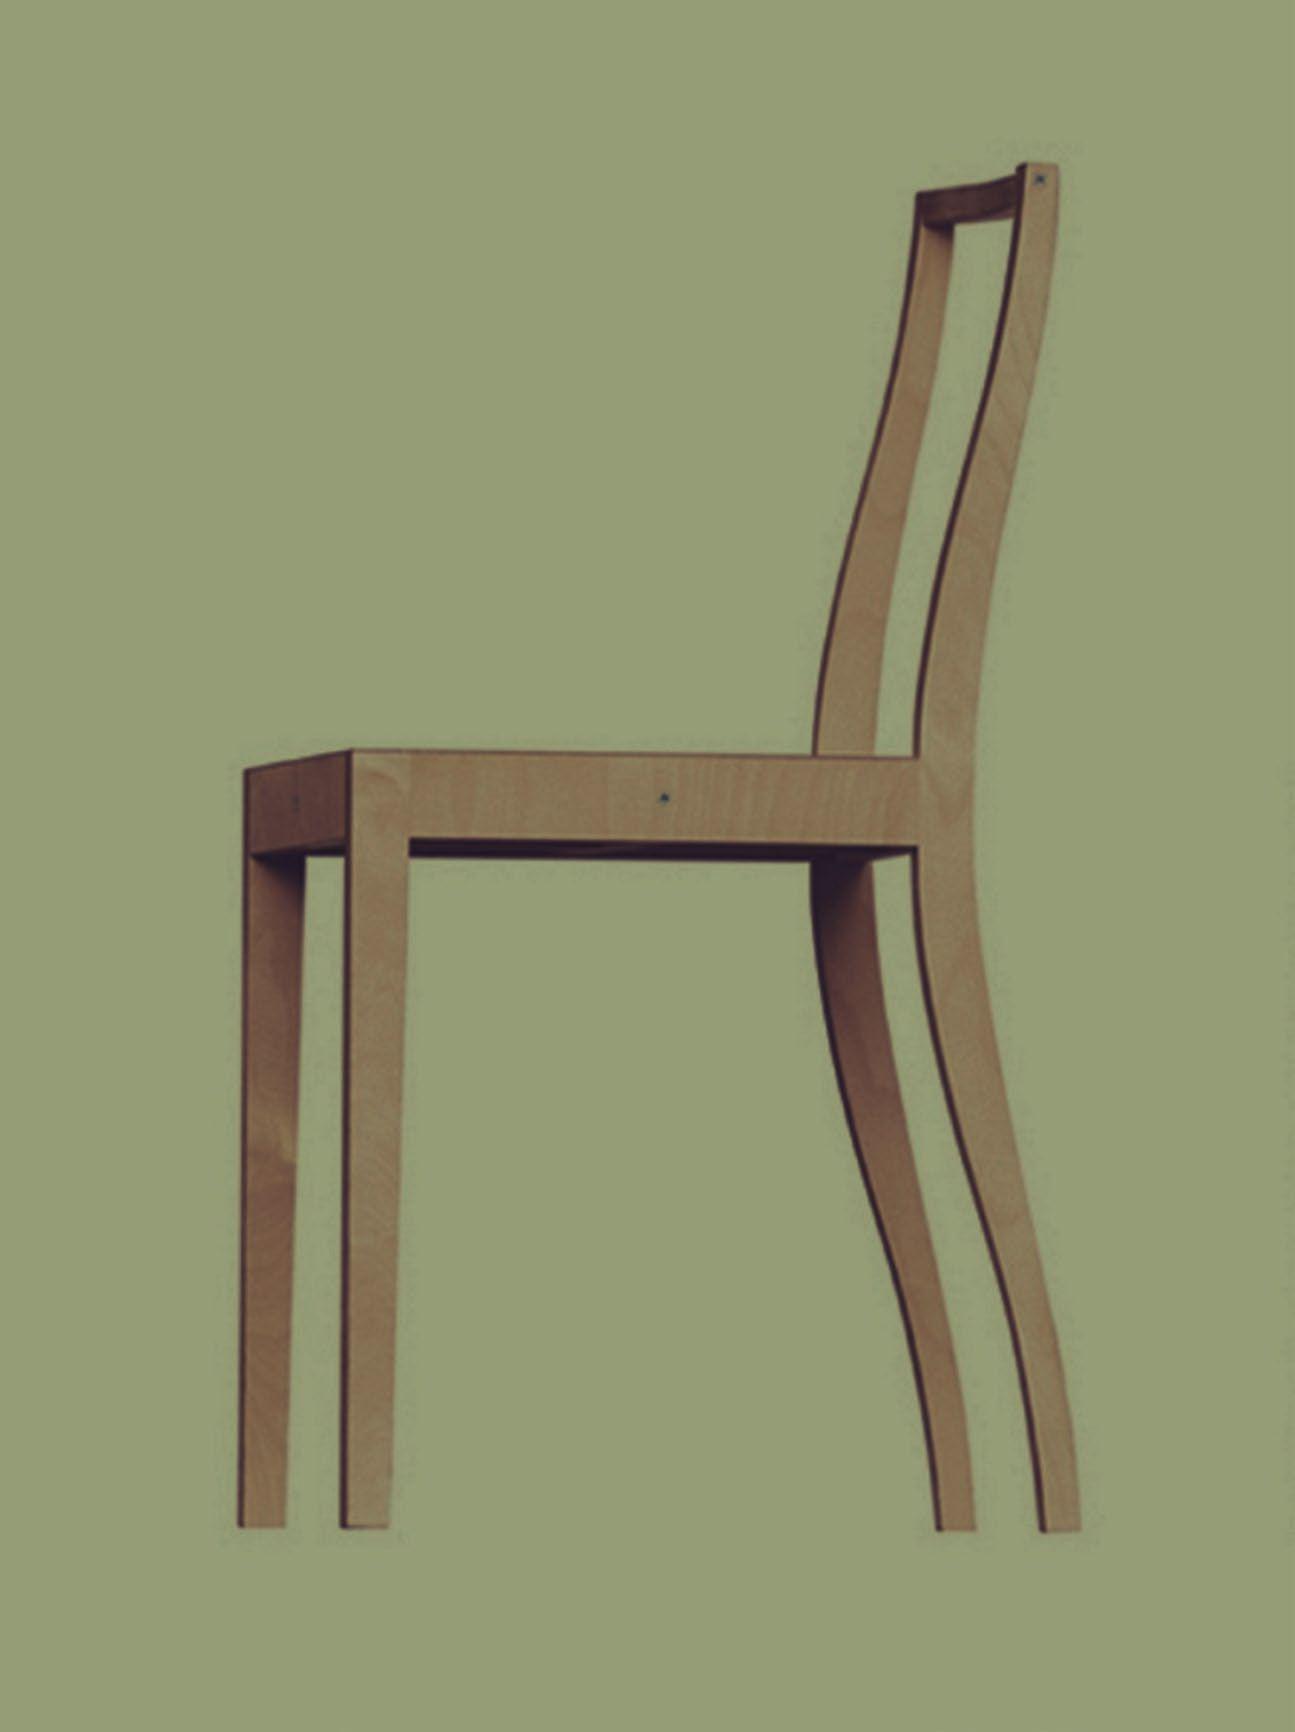 jasper morrison aw designer 2016 plywood chair der entwurf stammt von 1988 und